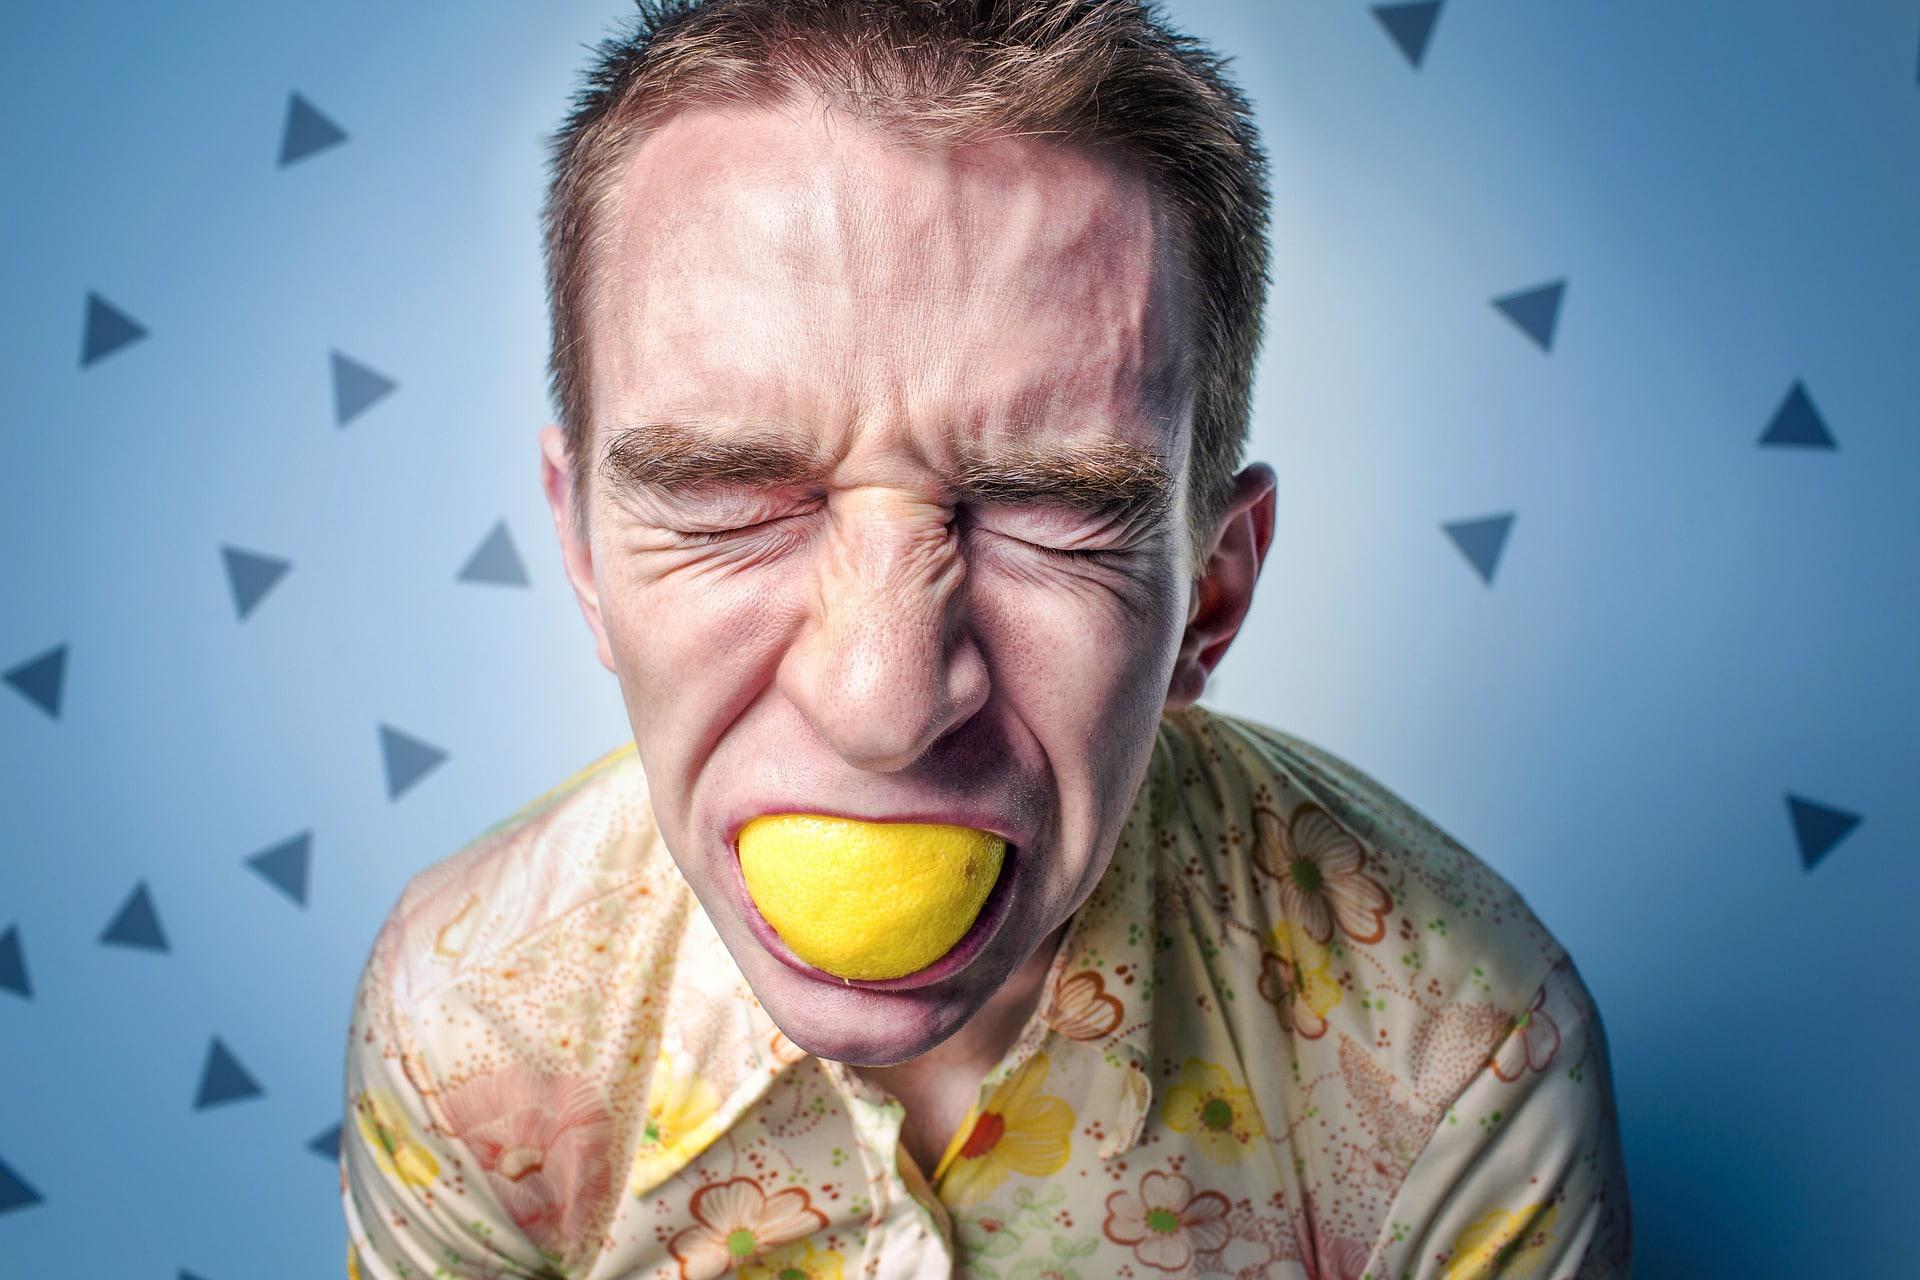 Le citron blanchit les dents idée insolite fausse